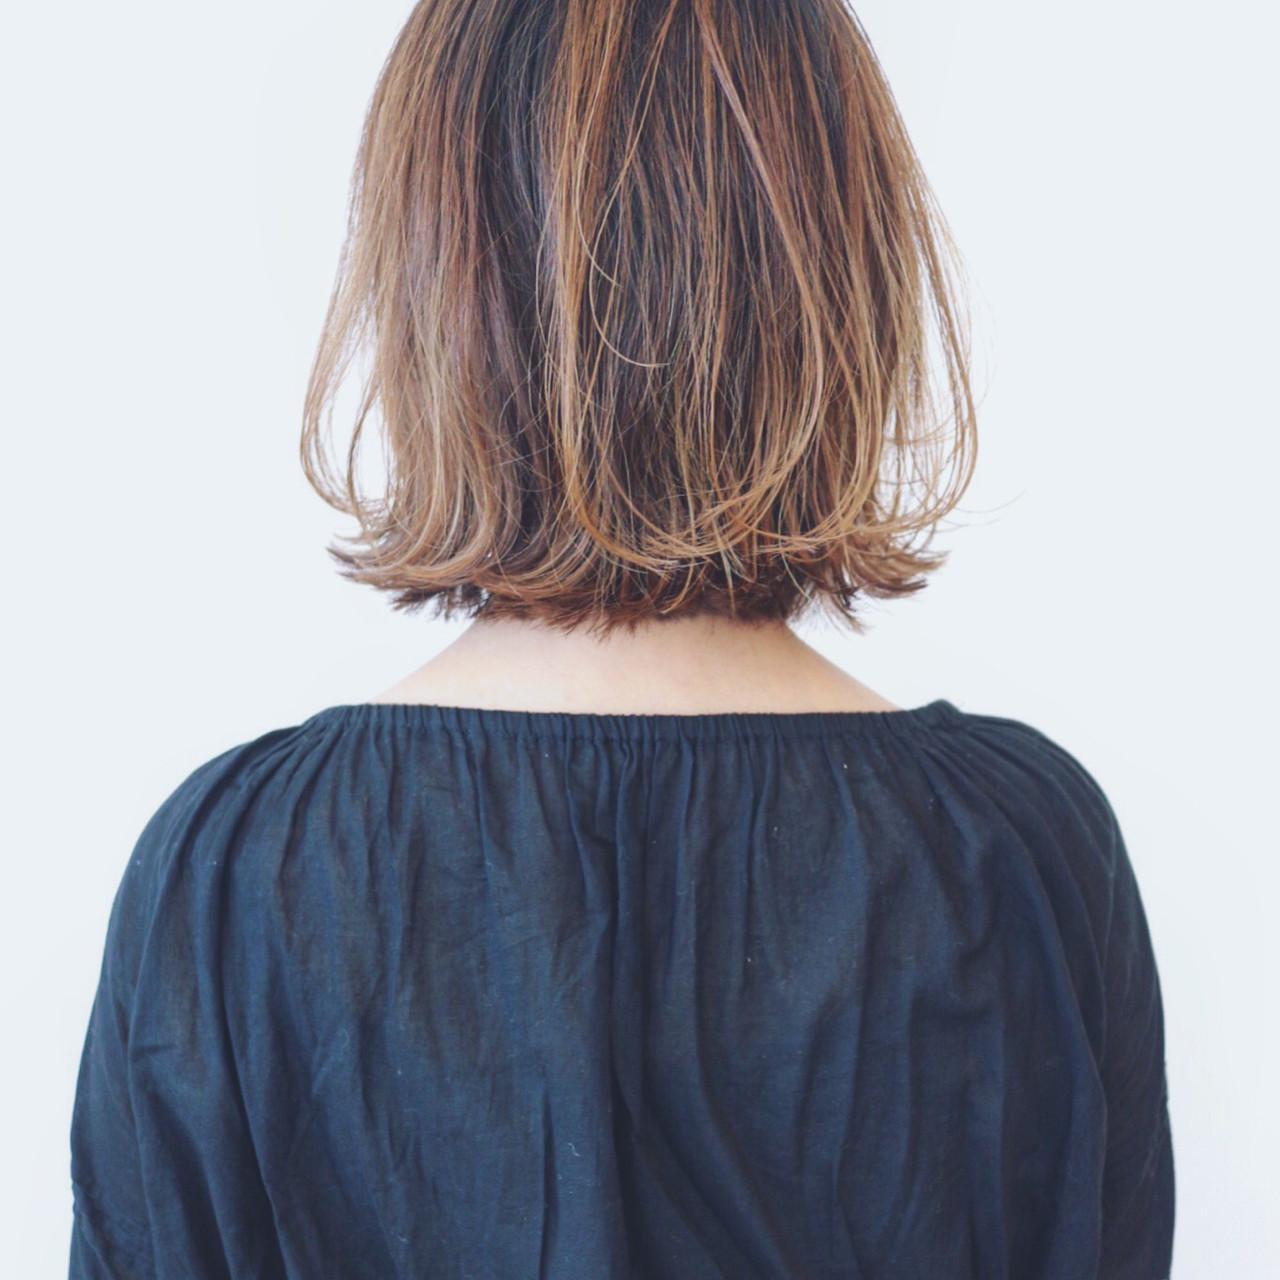 フェミニン バレイヤージュ グラデーションカラー 外国人風カラー ヘアスタイルや髪型の写真・画像 | 三好 佳奈美 / Baco.(バコ)